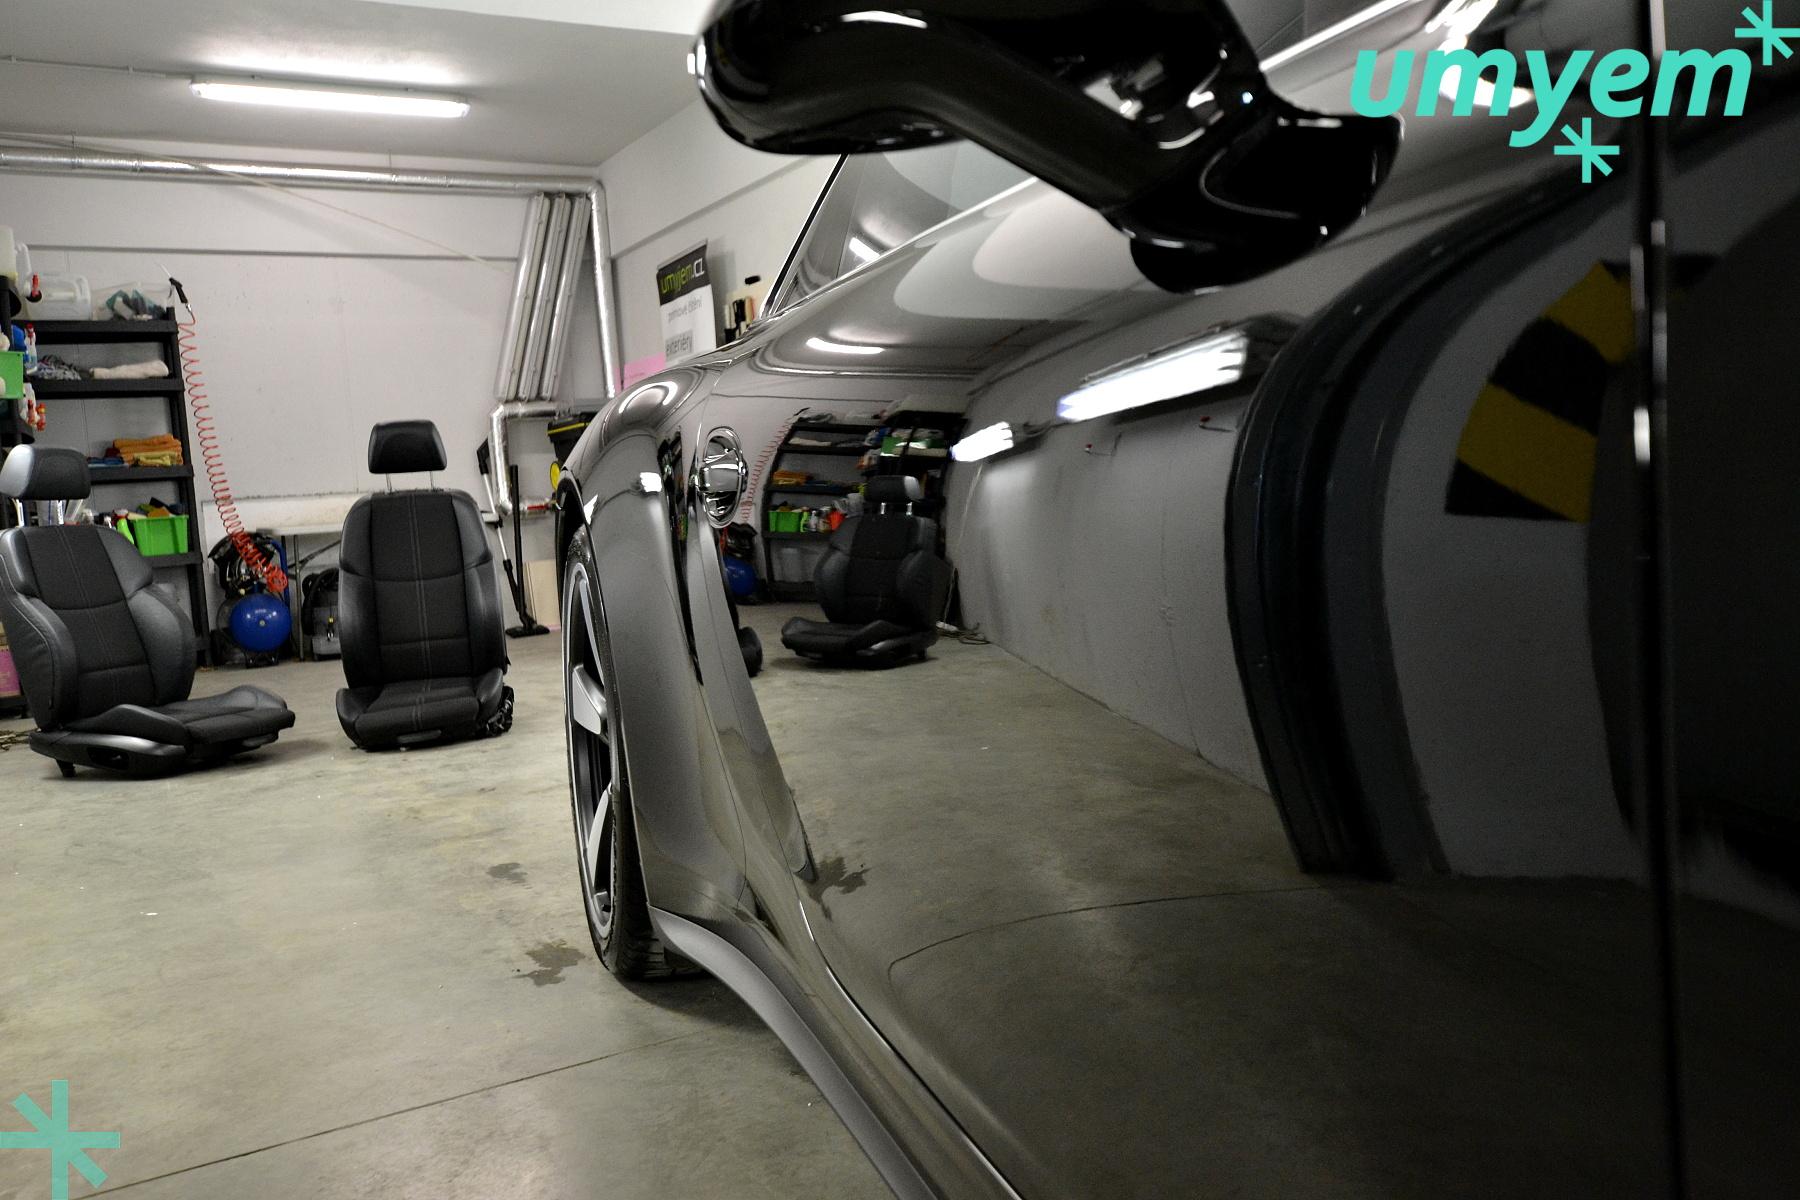 umyem_detailing_Porsche_911